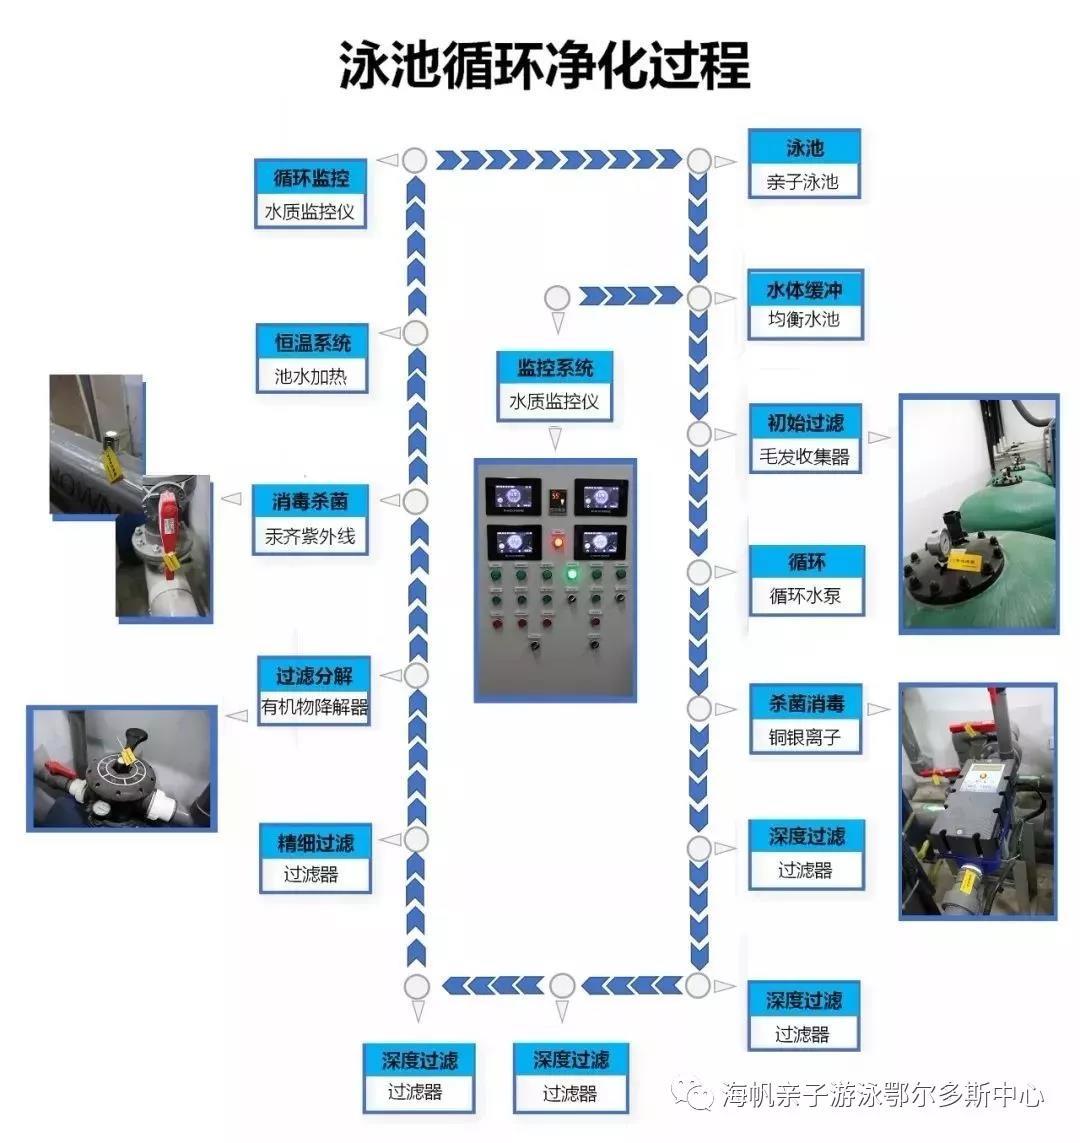 微信图片_20201021104326.jpg